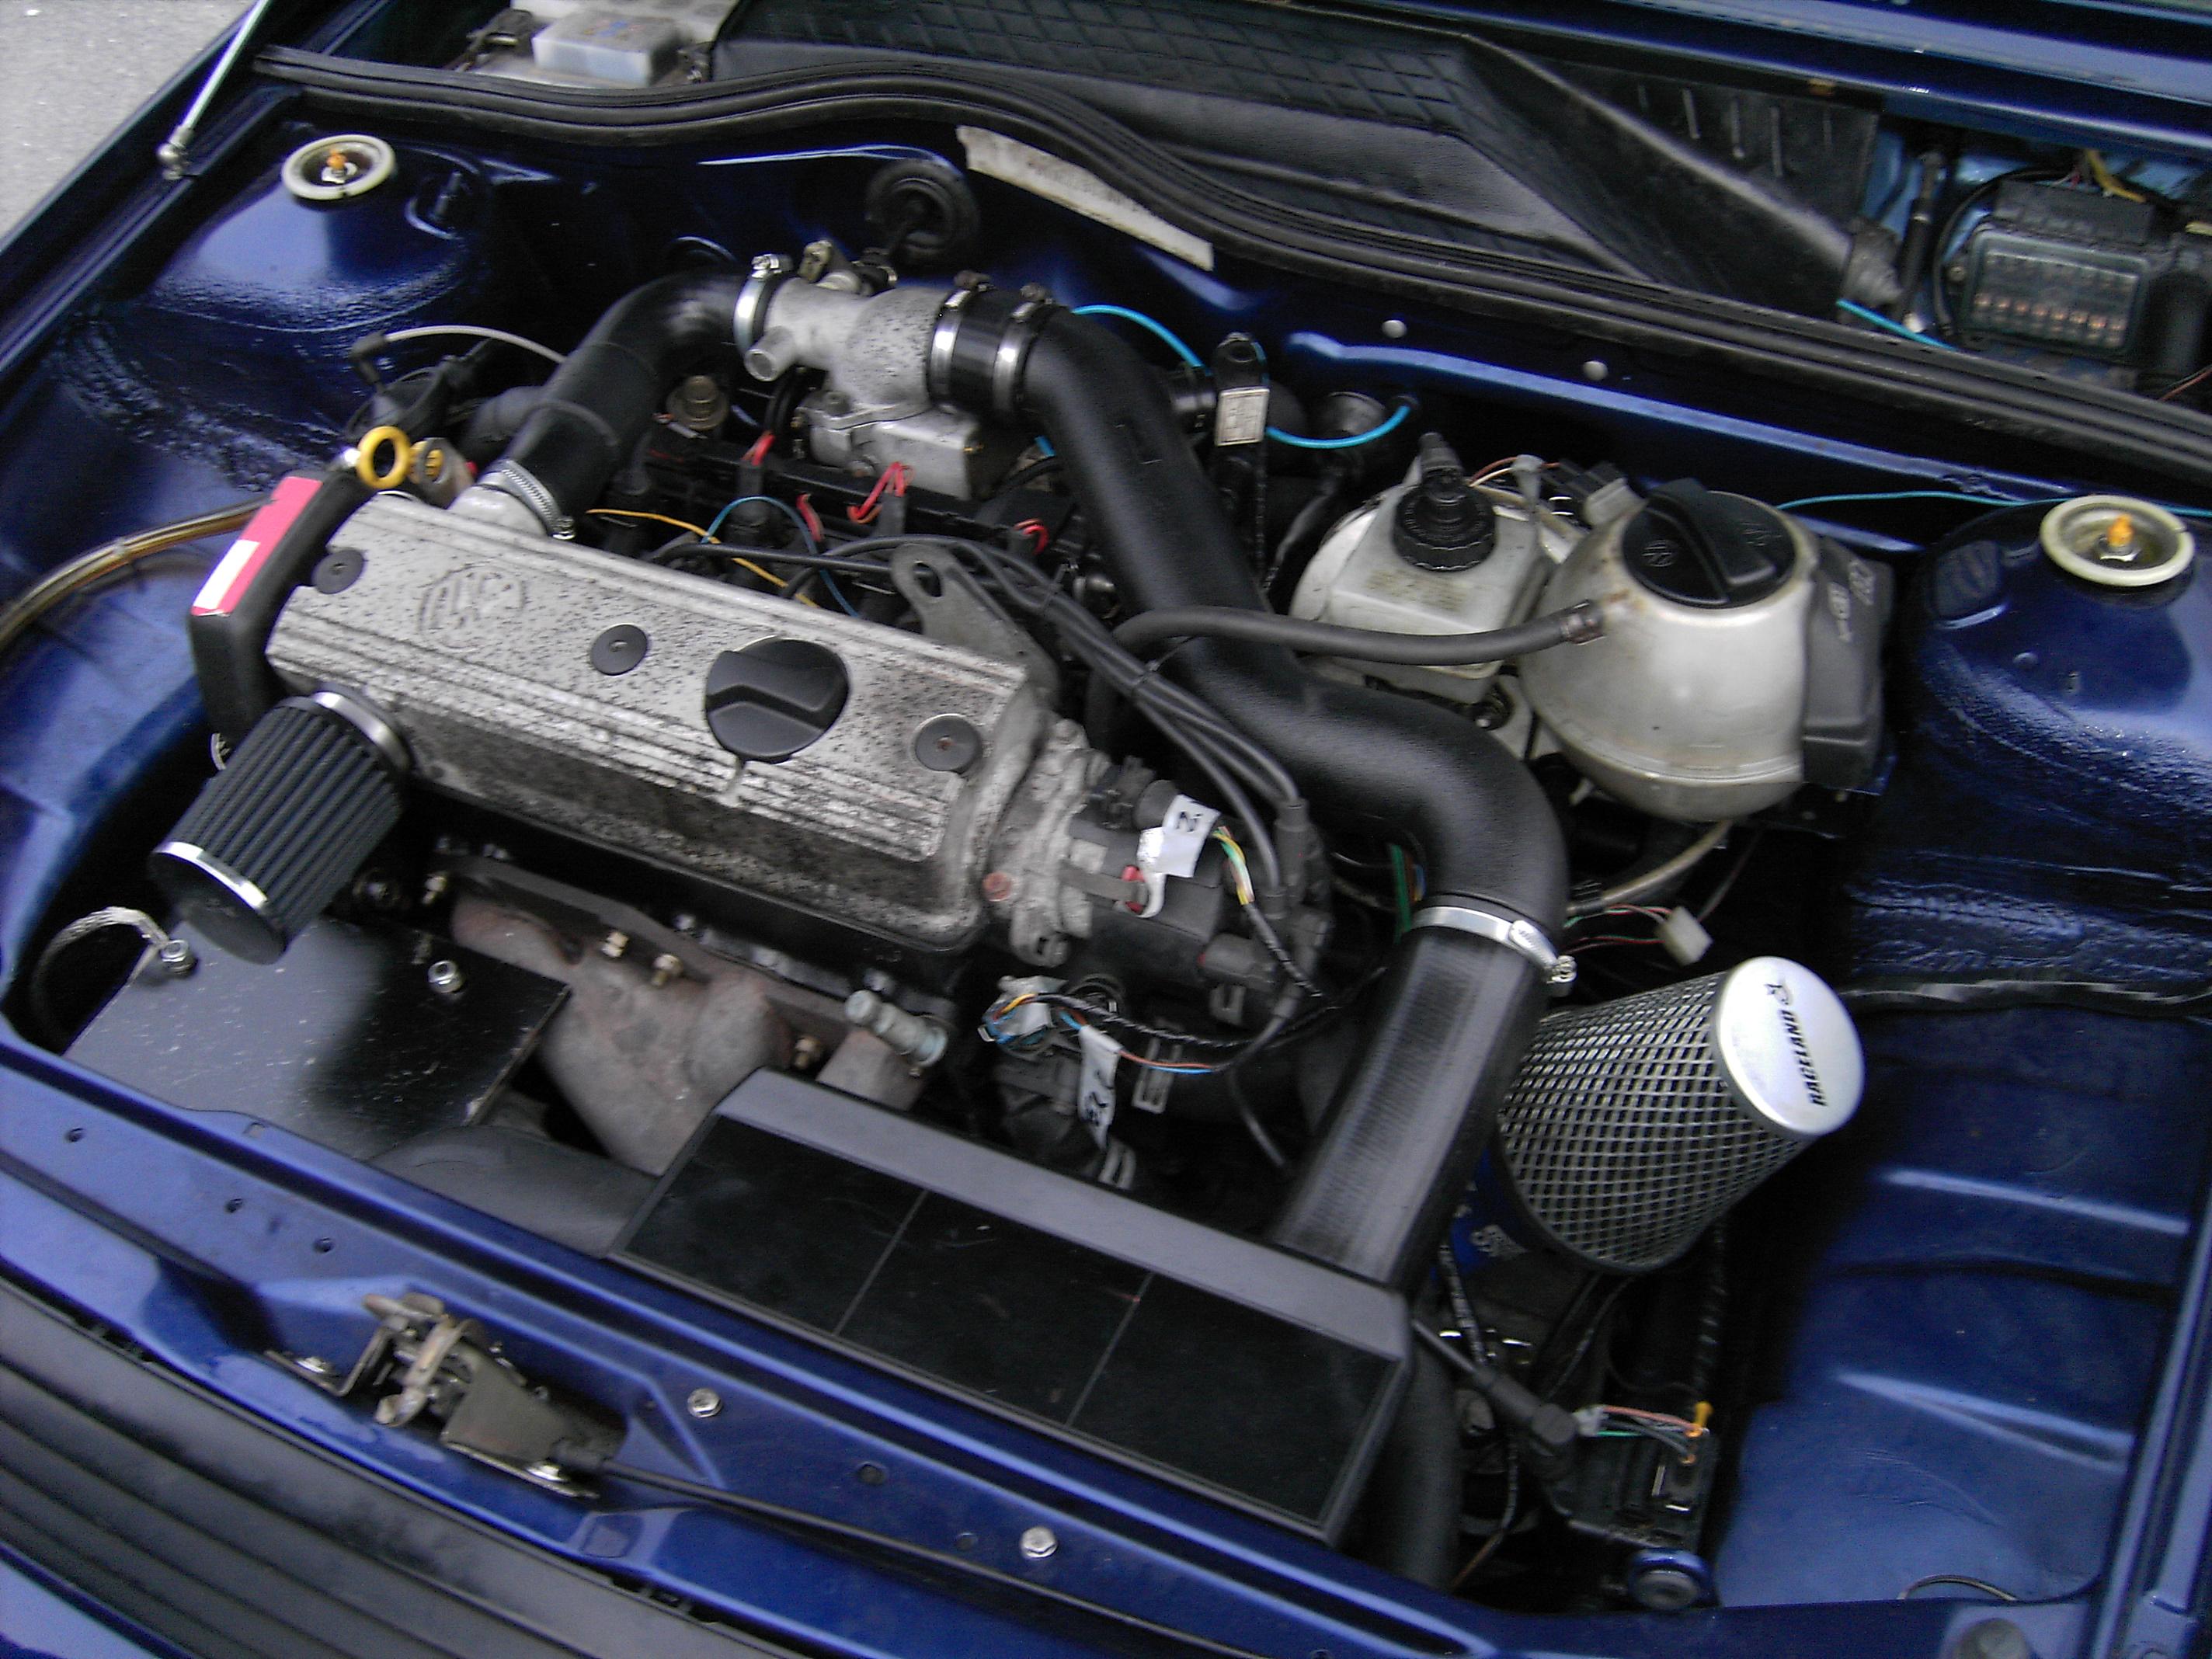 Auto Vw Polo G40 Kompressor - Pagenstecher De